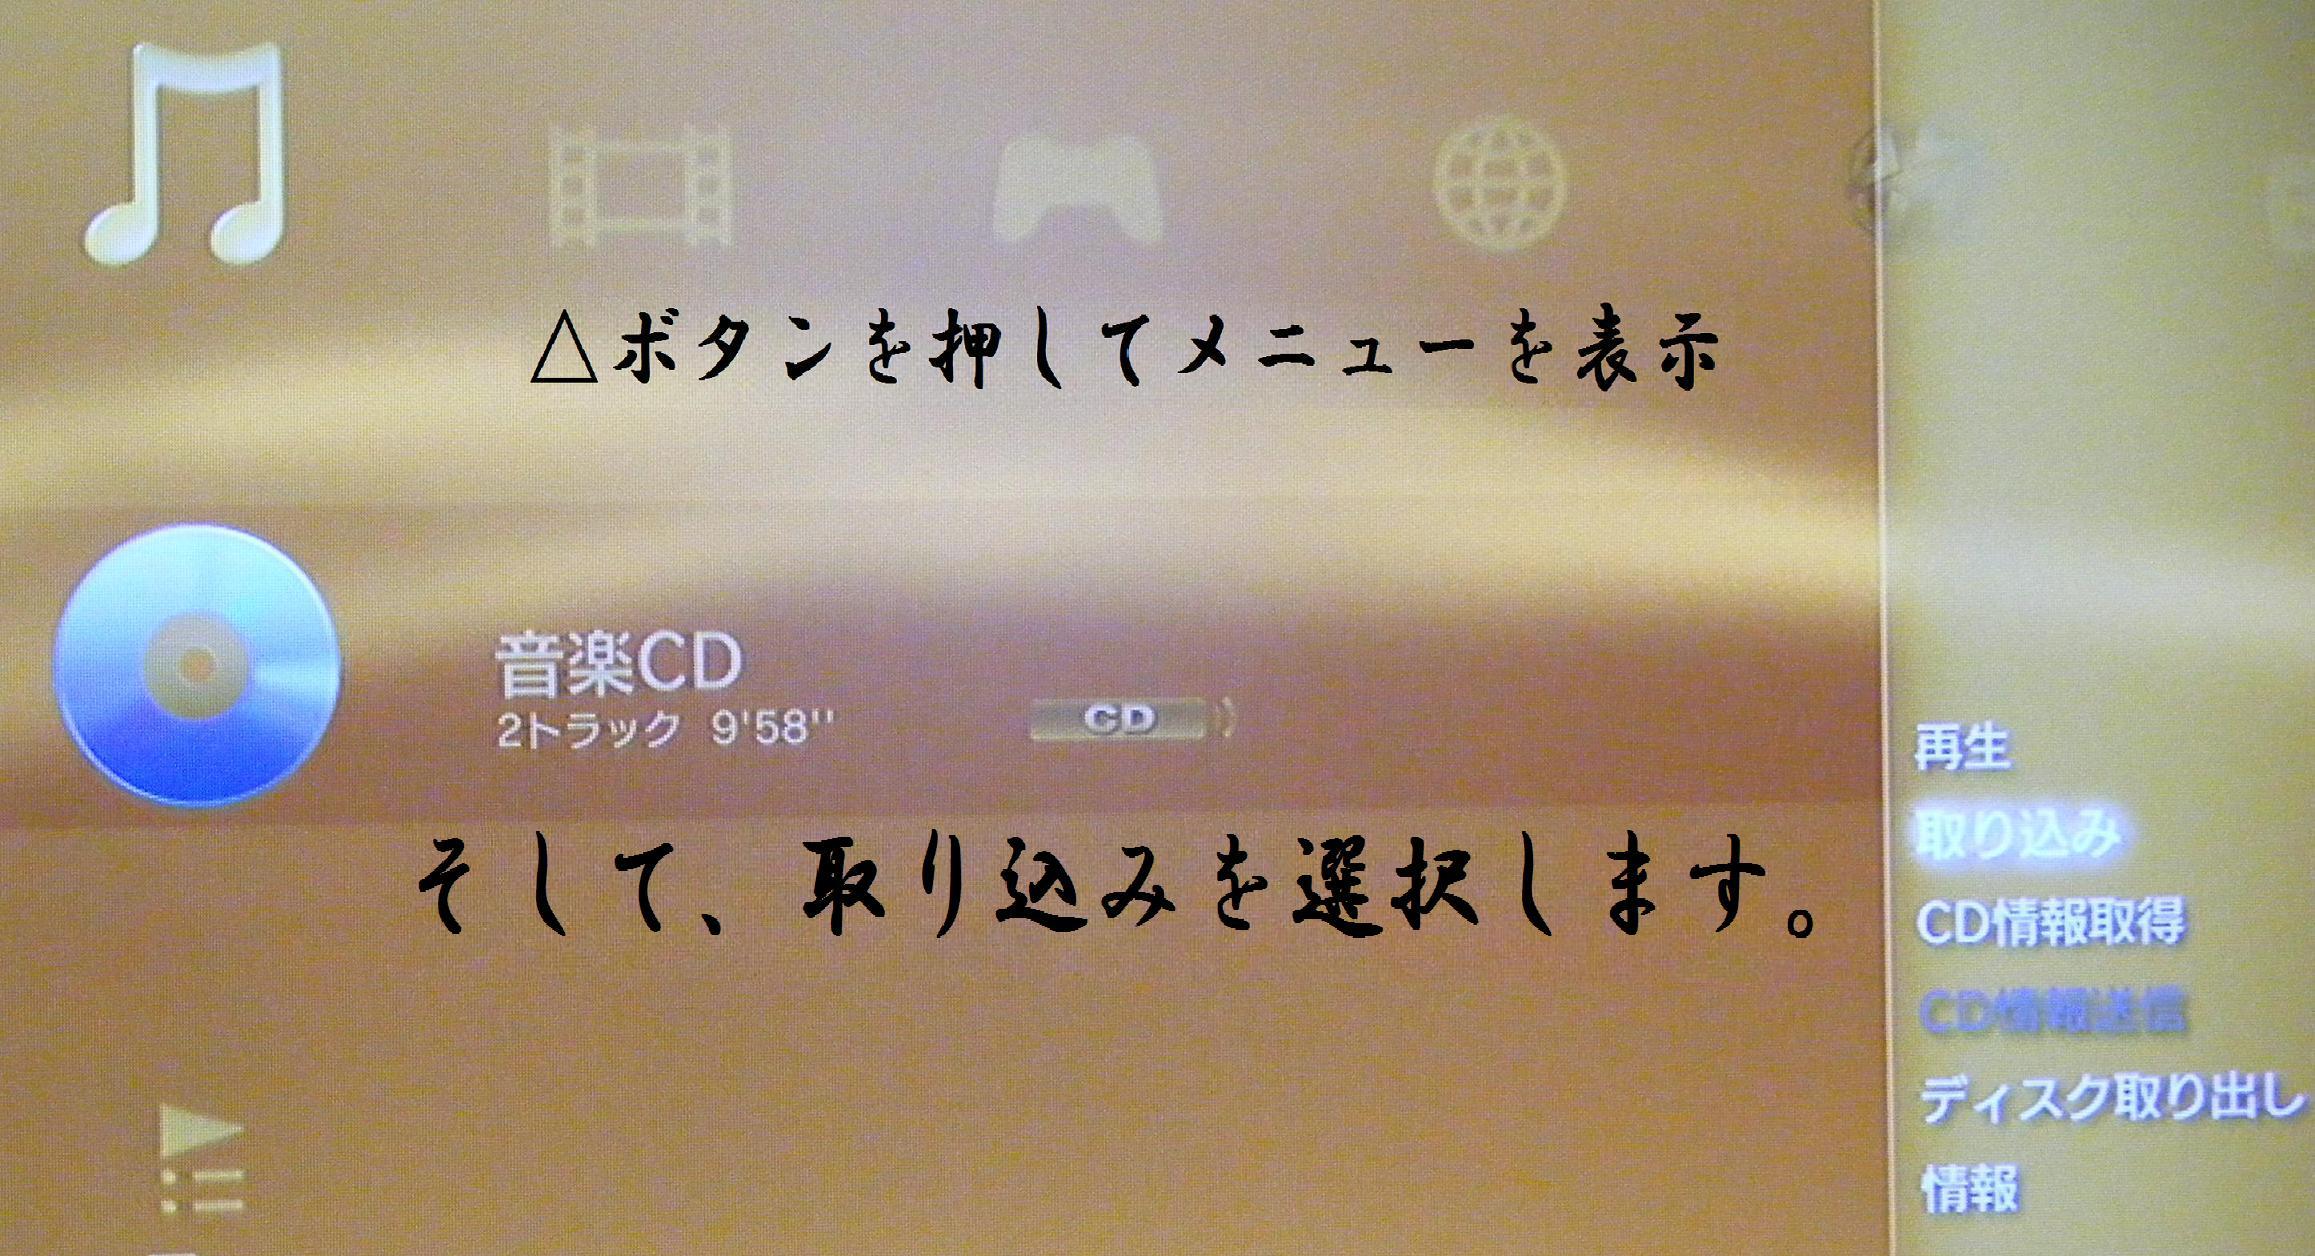 PS3 CD 4